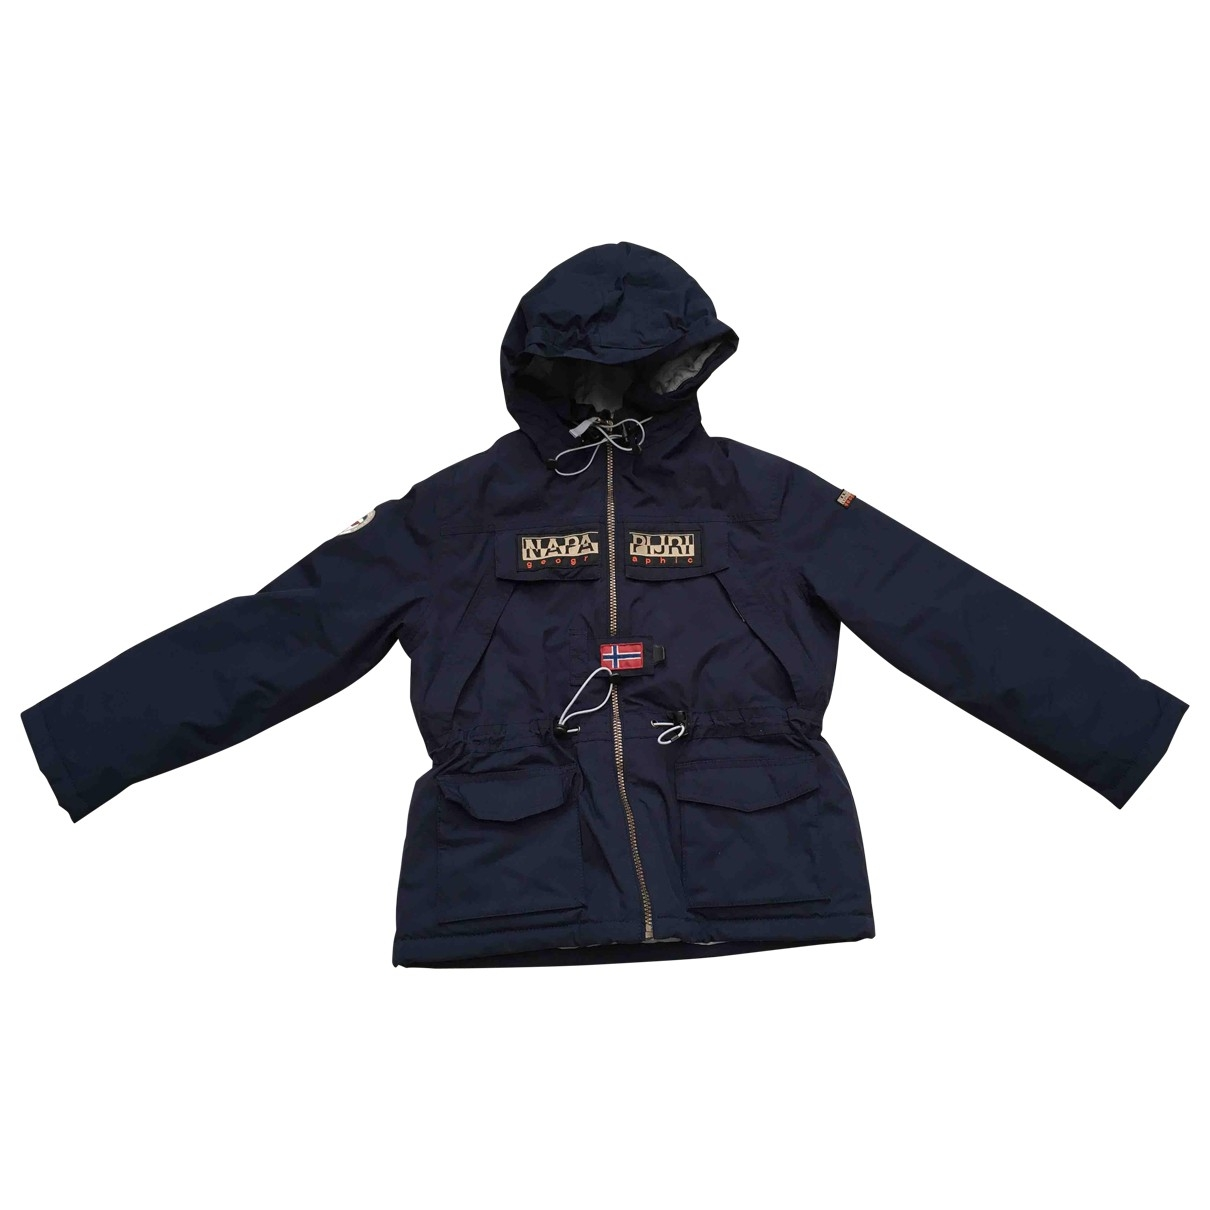 Napapijri - Blousons.Manteaux   pour enfant - marine